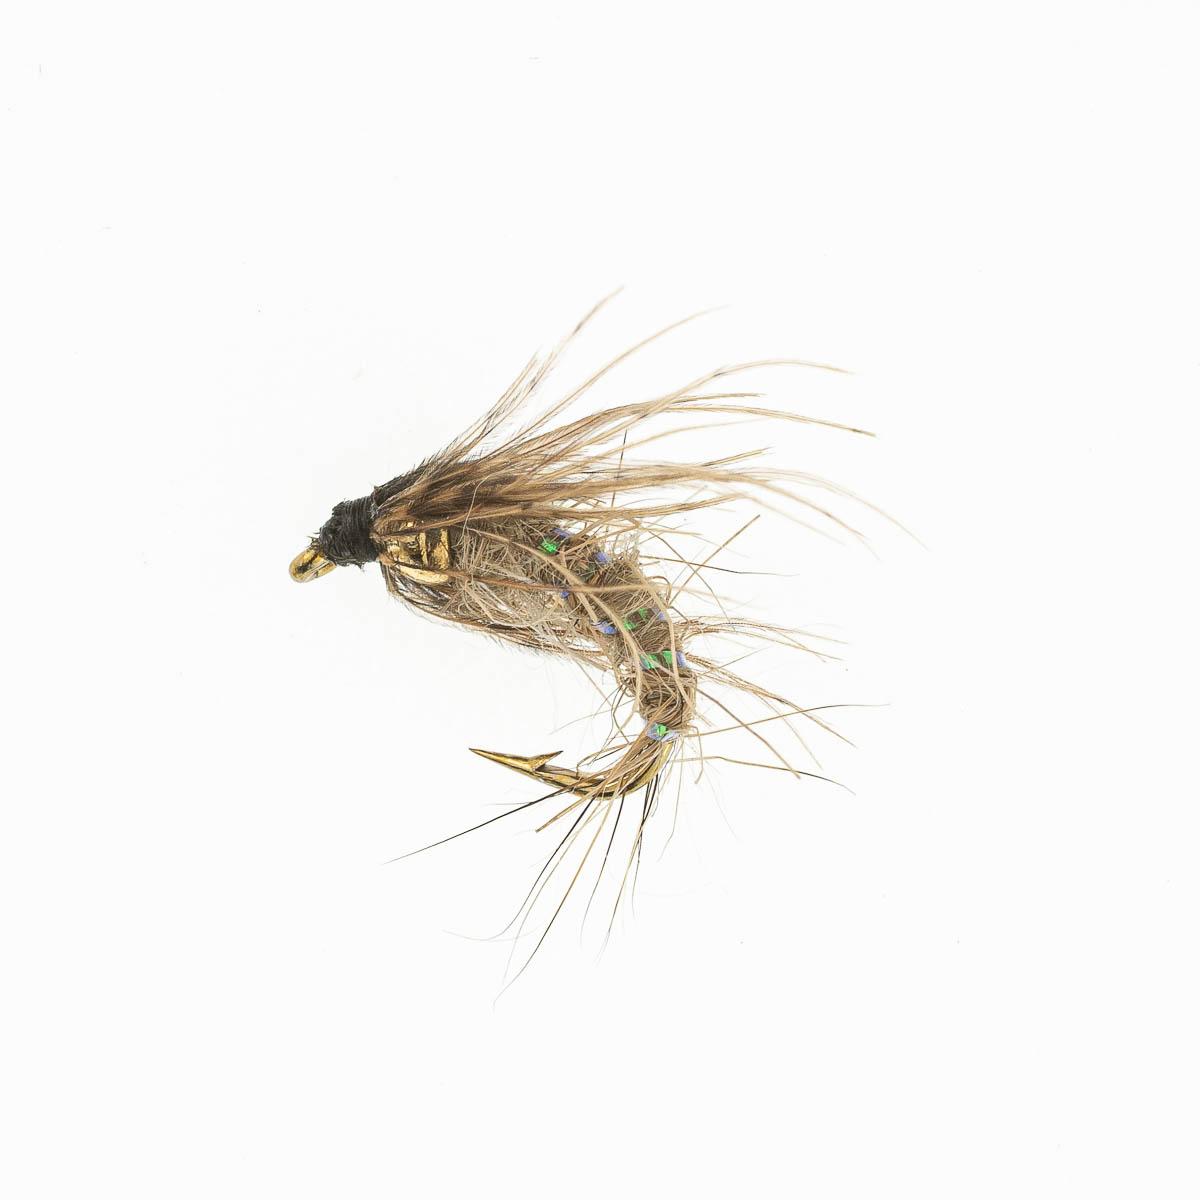 Holy grail hares ear FL0055 Onlineflugor